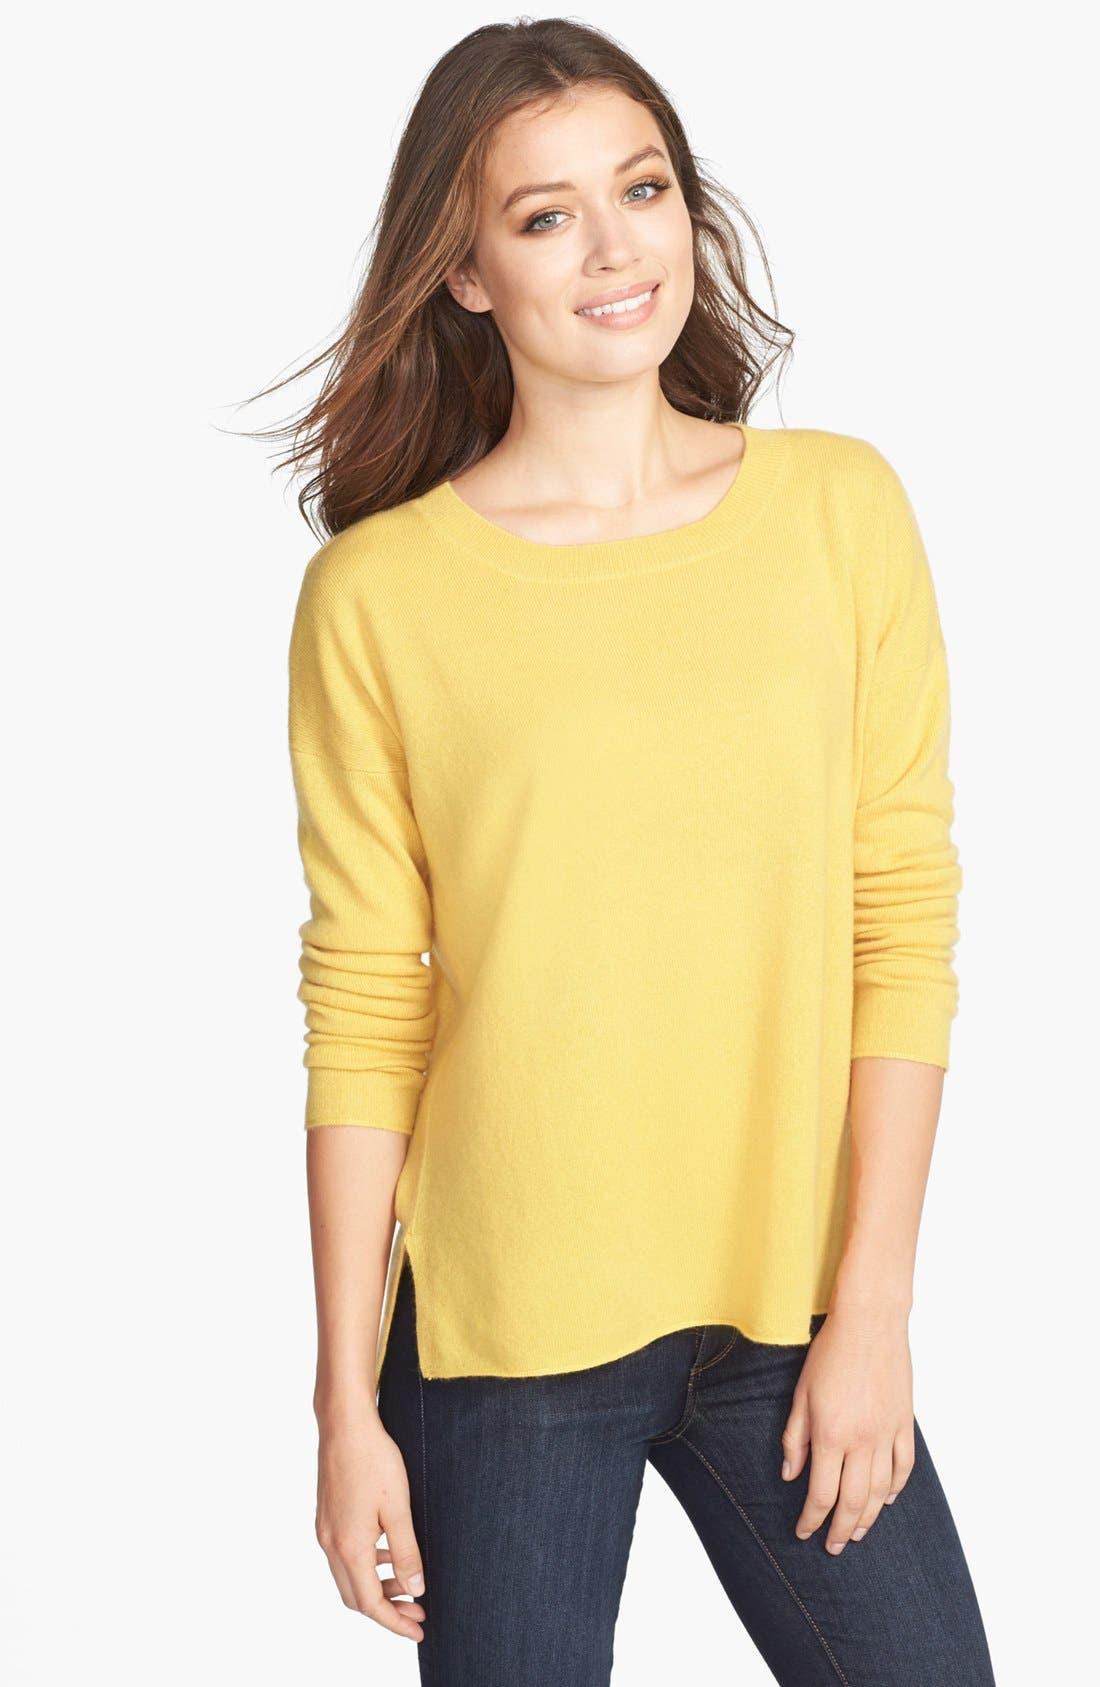 Alternate Image 1 Selected - Pure Amici Cashmere Crewneck Sweater